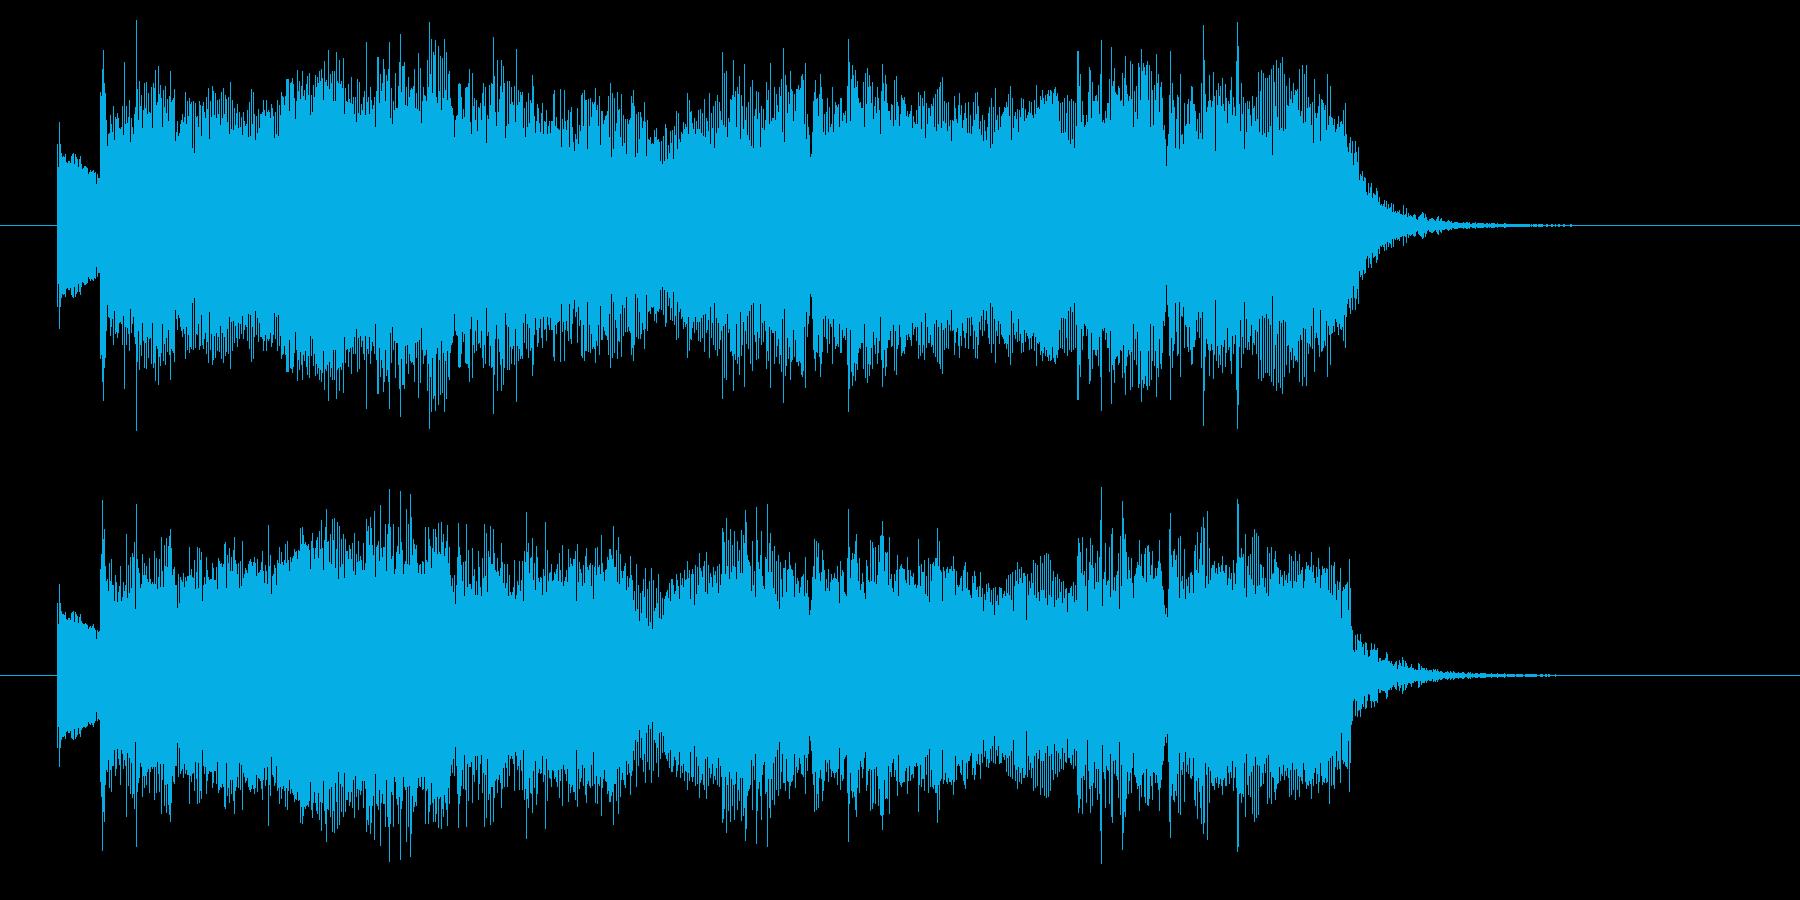 ハードロックでワイルドなジングルの再生済みの波形